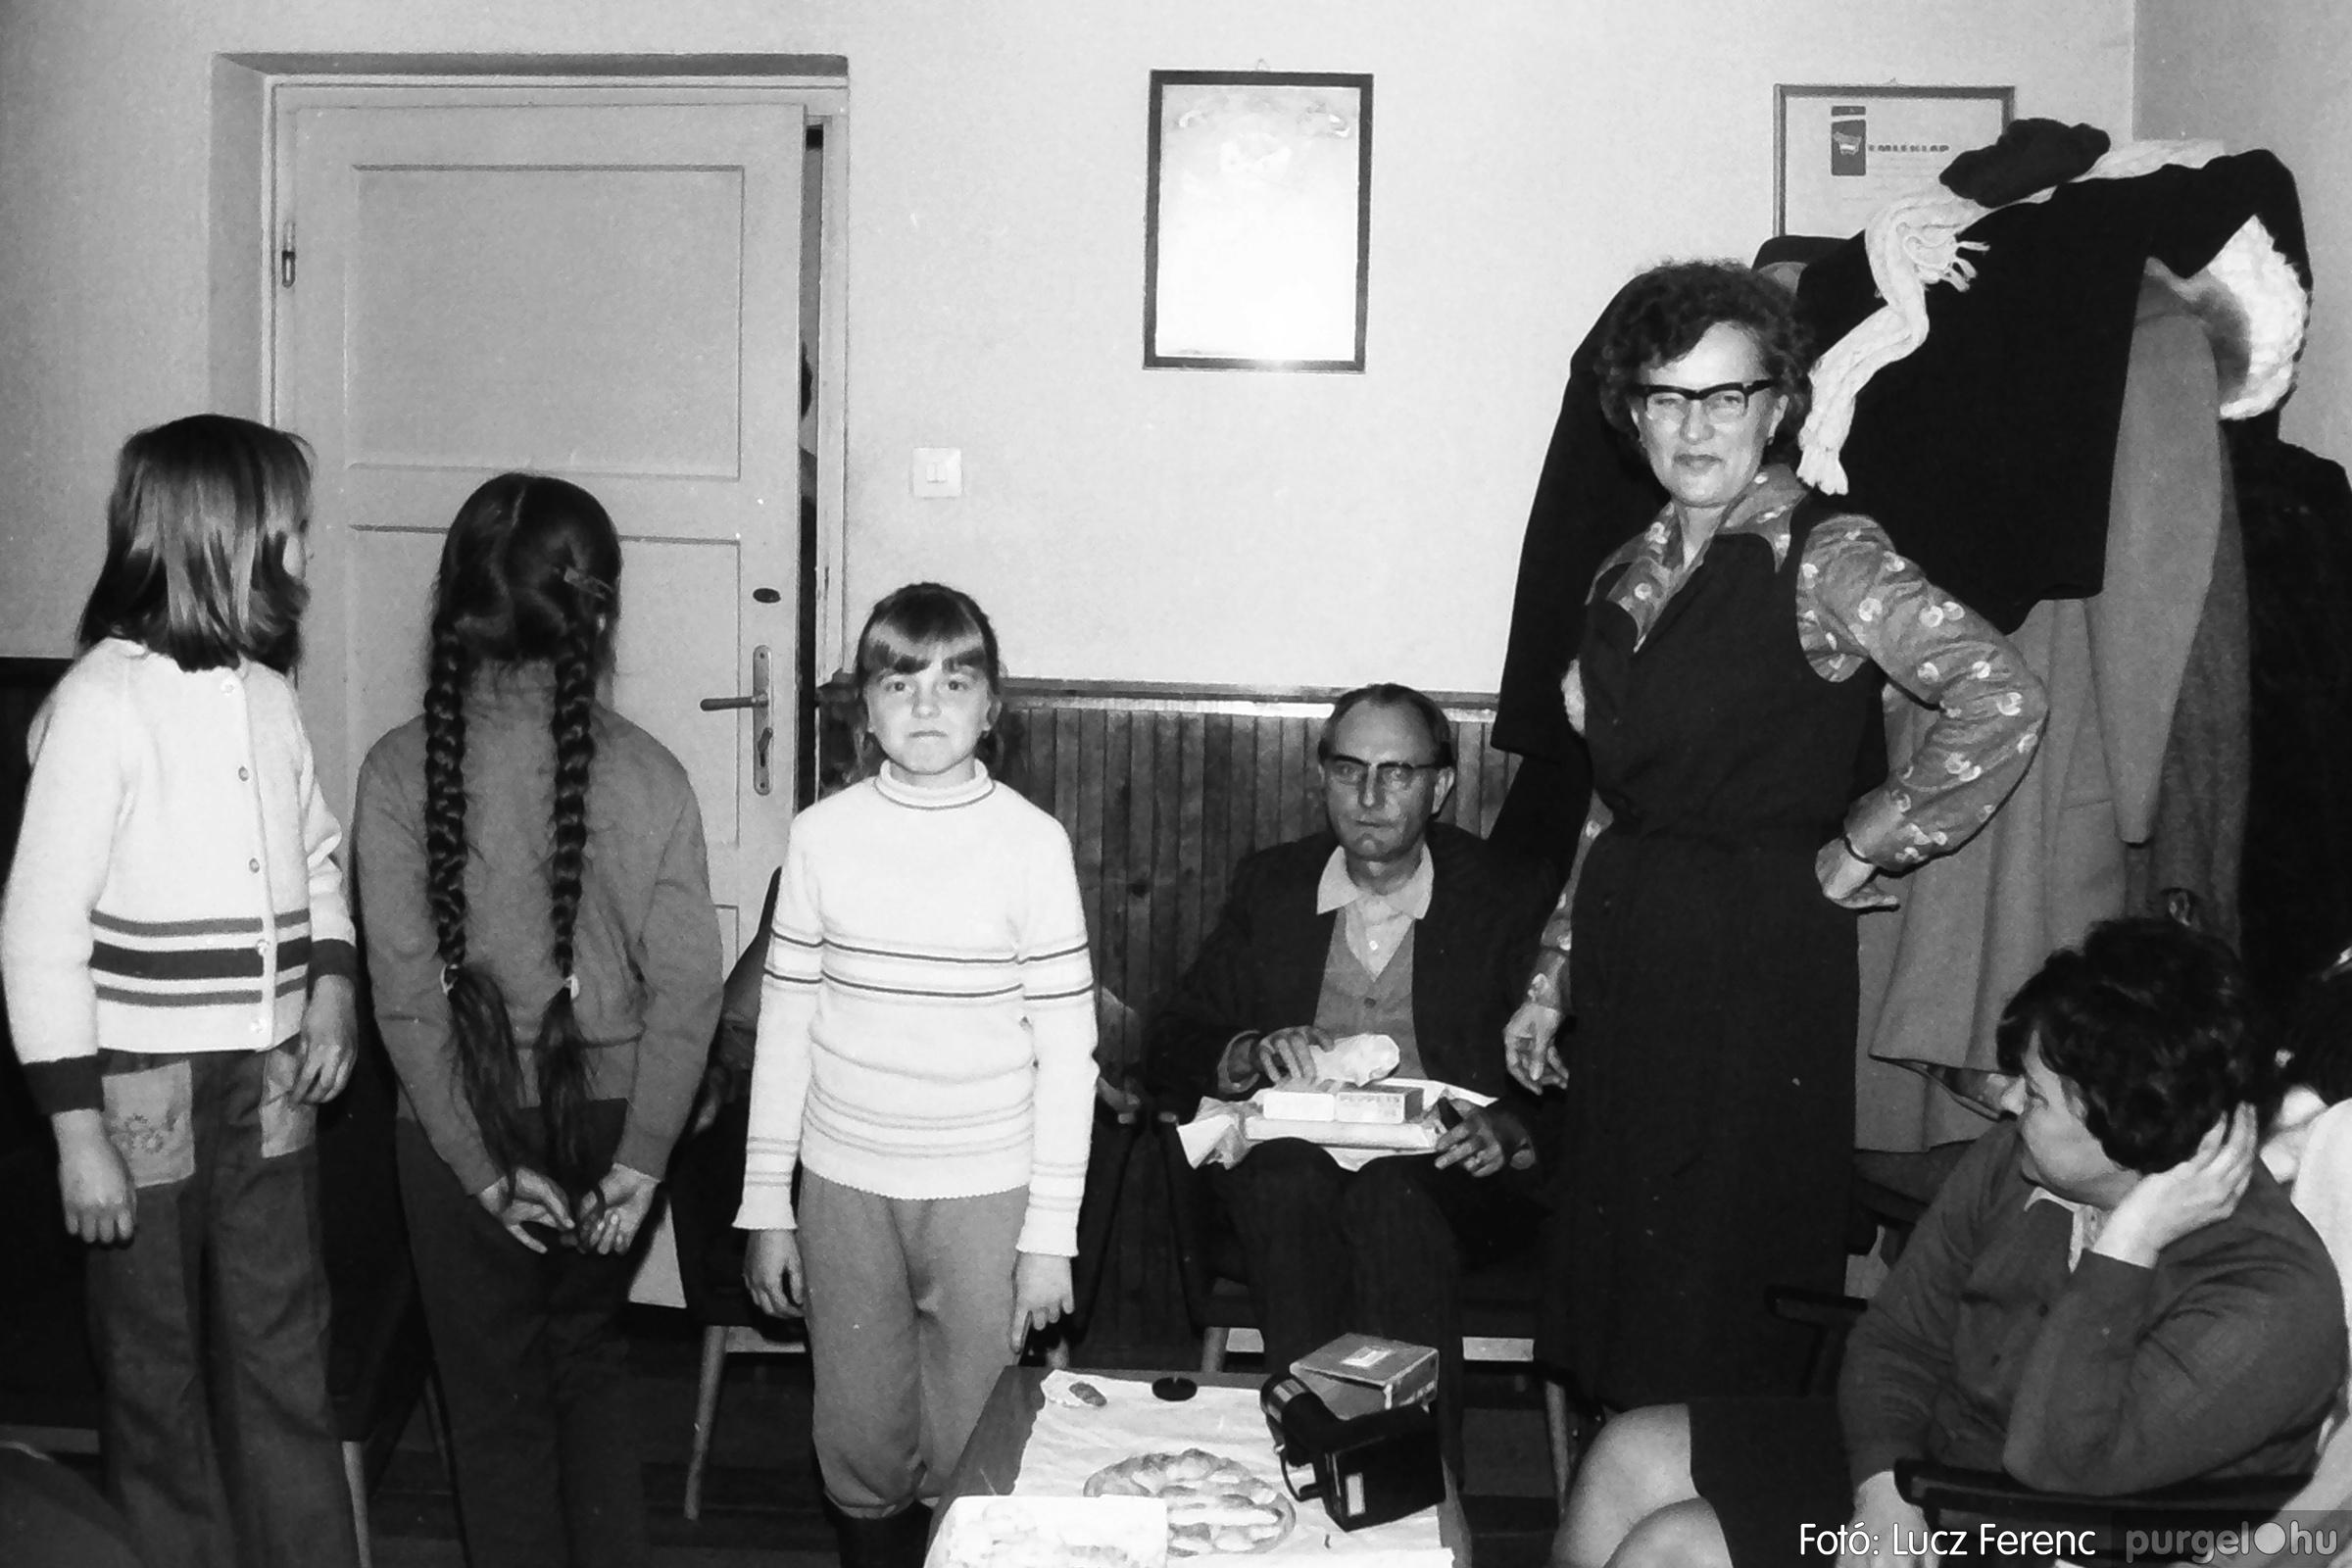 096. 1977. Karácsonyi összejövetel a kultúrházban 015. - Fotó: Lucz Ferenc.jpg